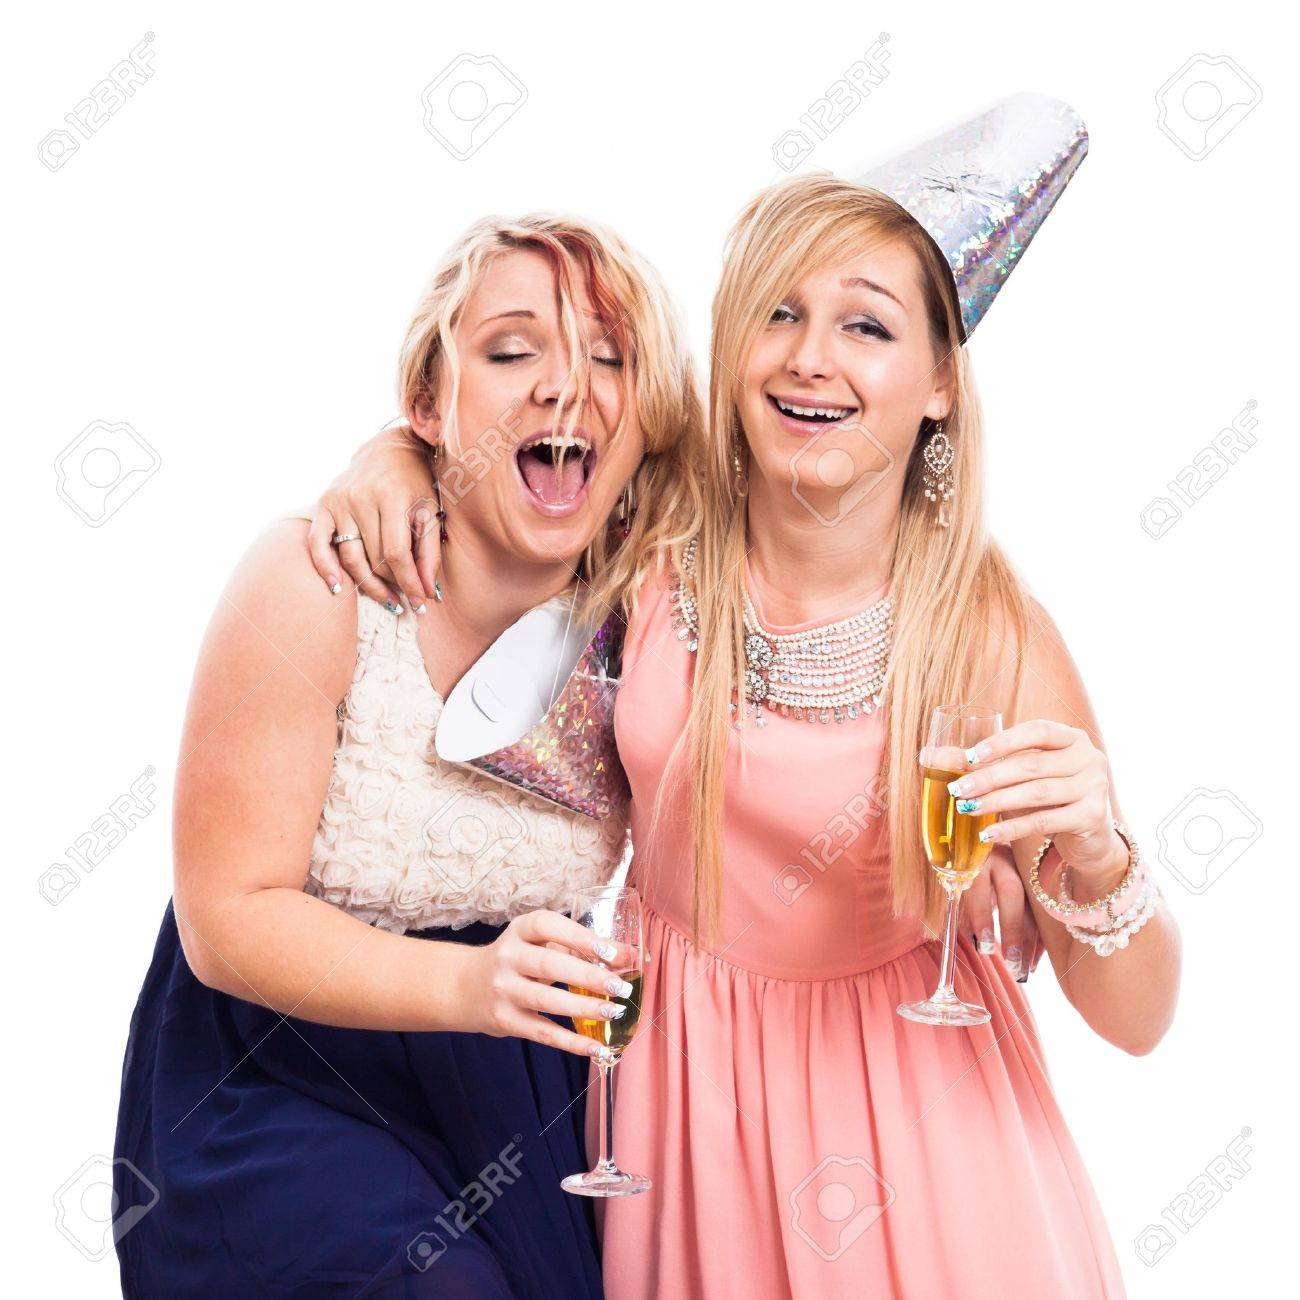 84a3e55024 Dos chicas borrachas extáticas celebran con alcohol, aislado en fondo  blanco Foto de archivo -